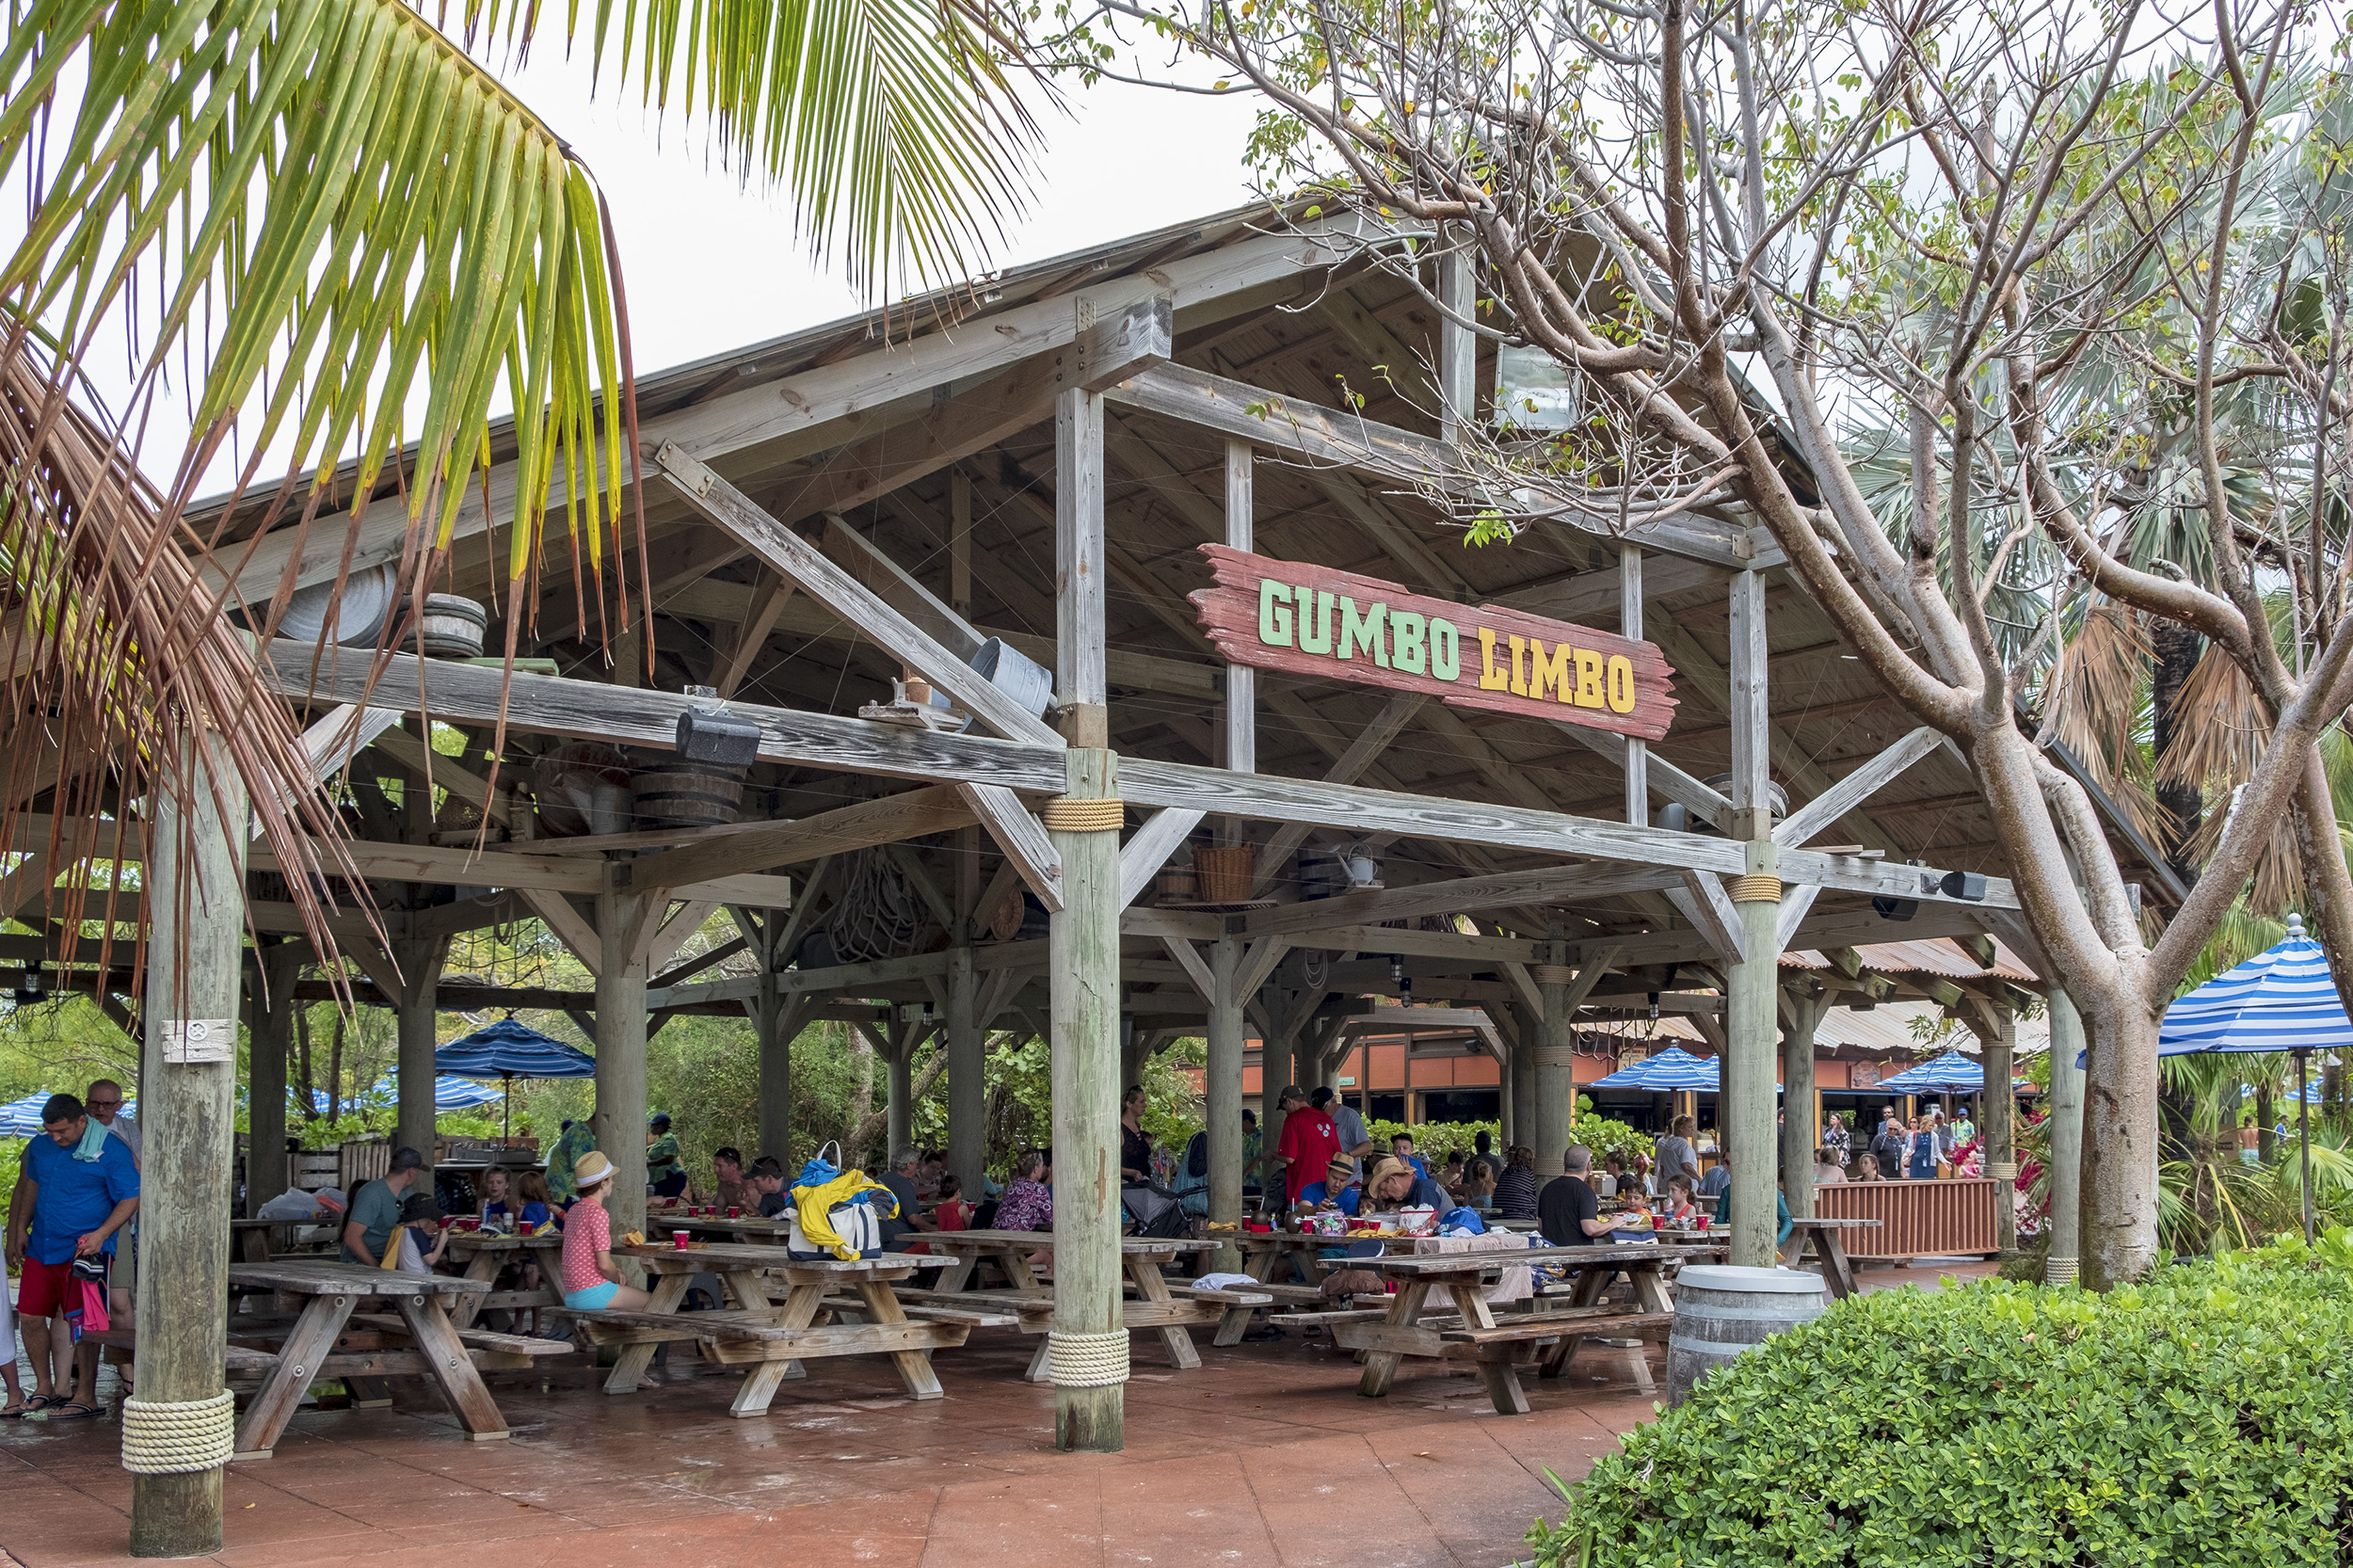 Castaway Cay Gumbo Limbo